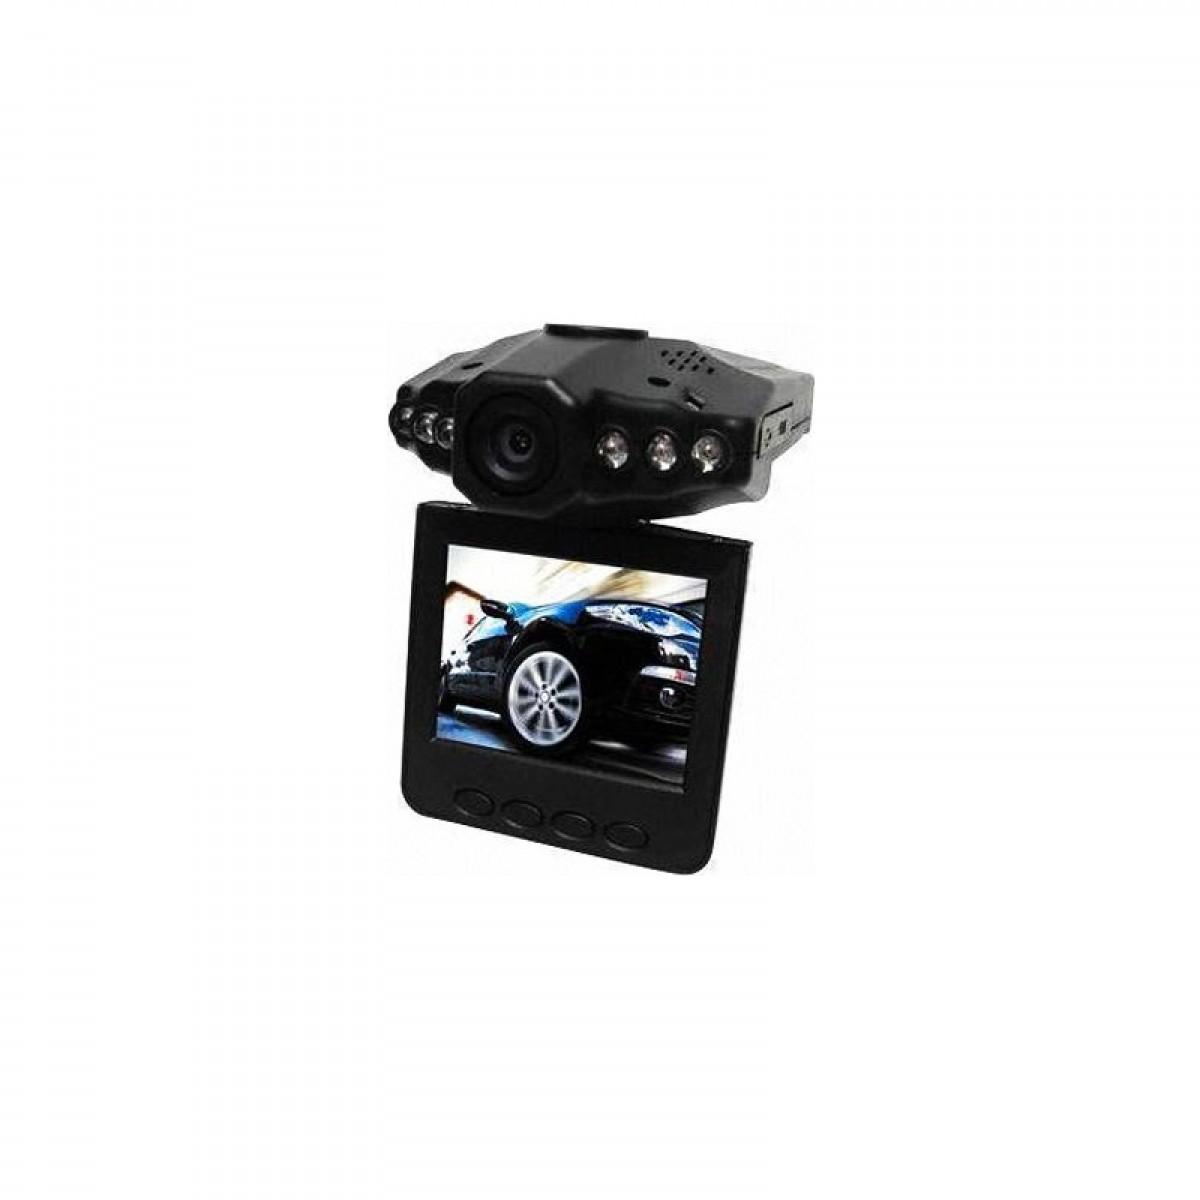 Κάμερα αυτοκινήτου με LCD 2,5'', ανιχνευτή κίνησης και νυχτερινή λήψη-OEM